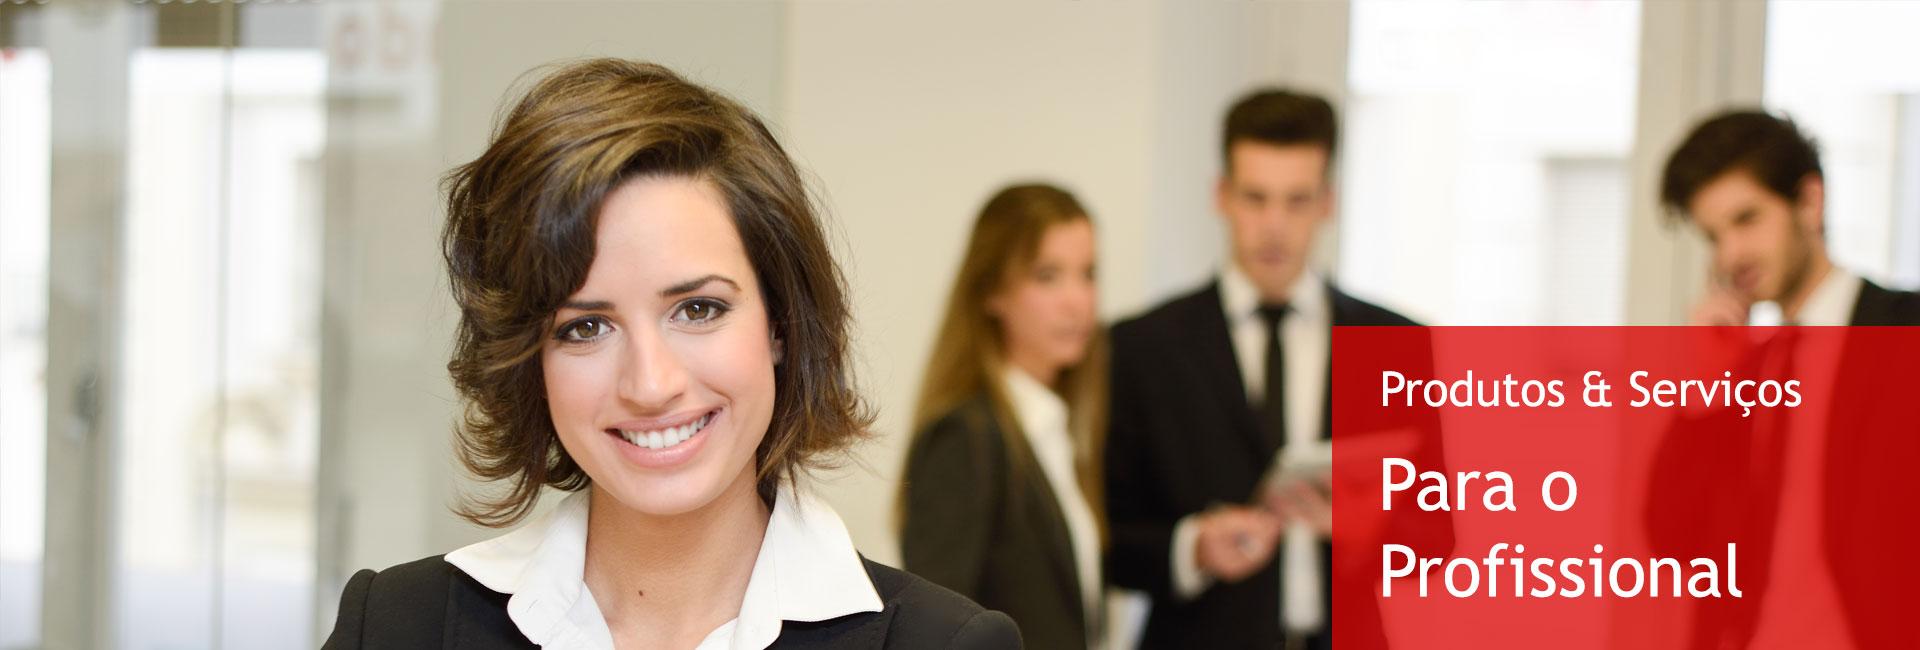 Baggio Desenvolvimento Profissional Serviços para o Profissional